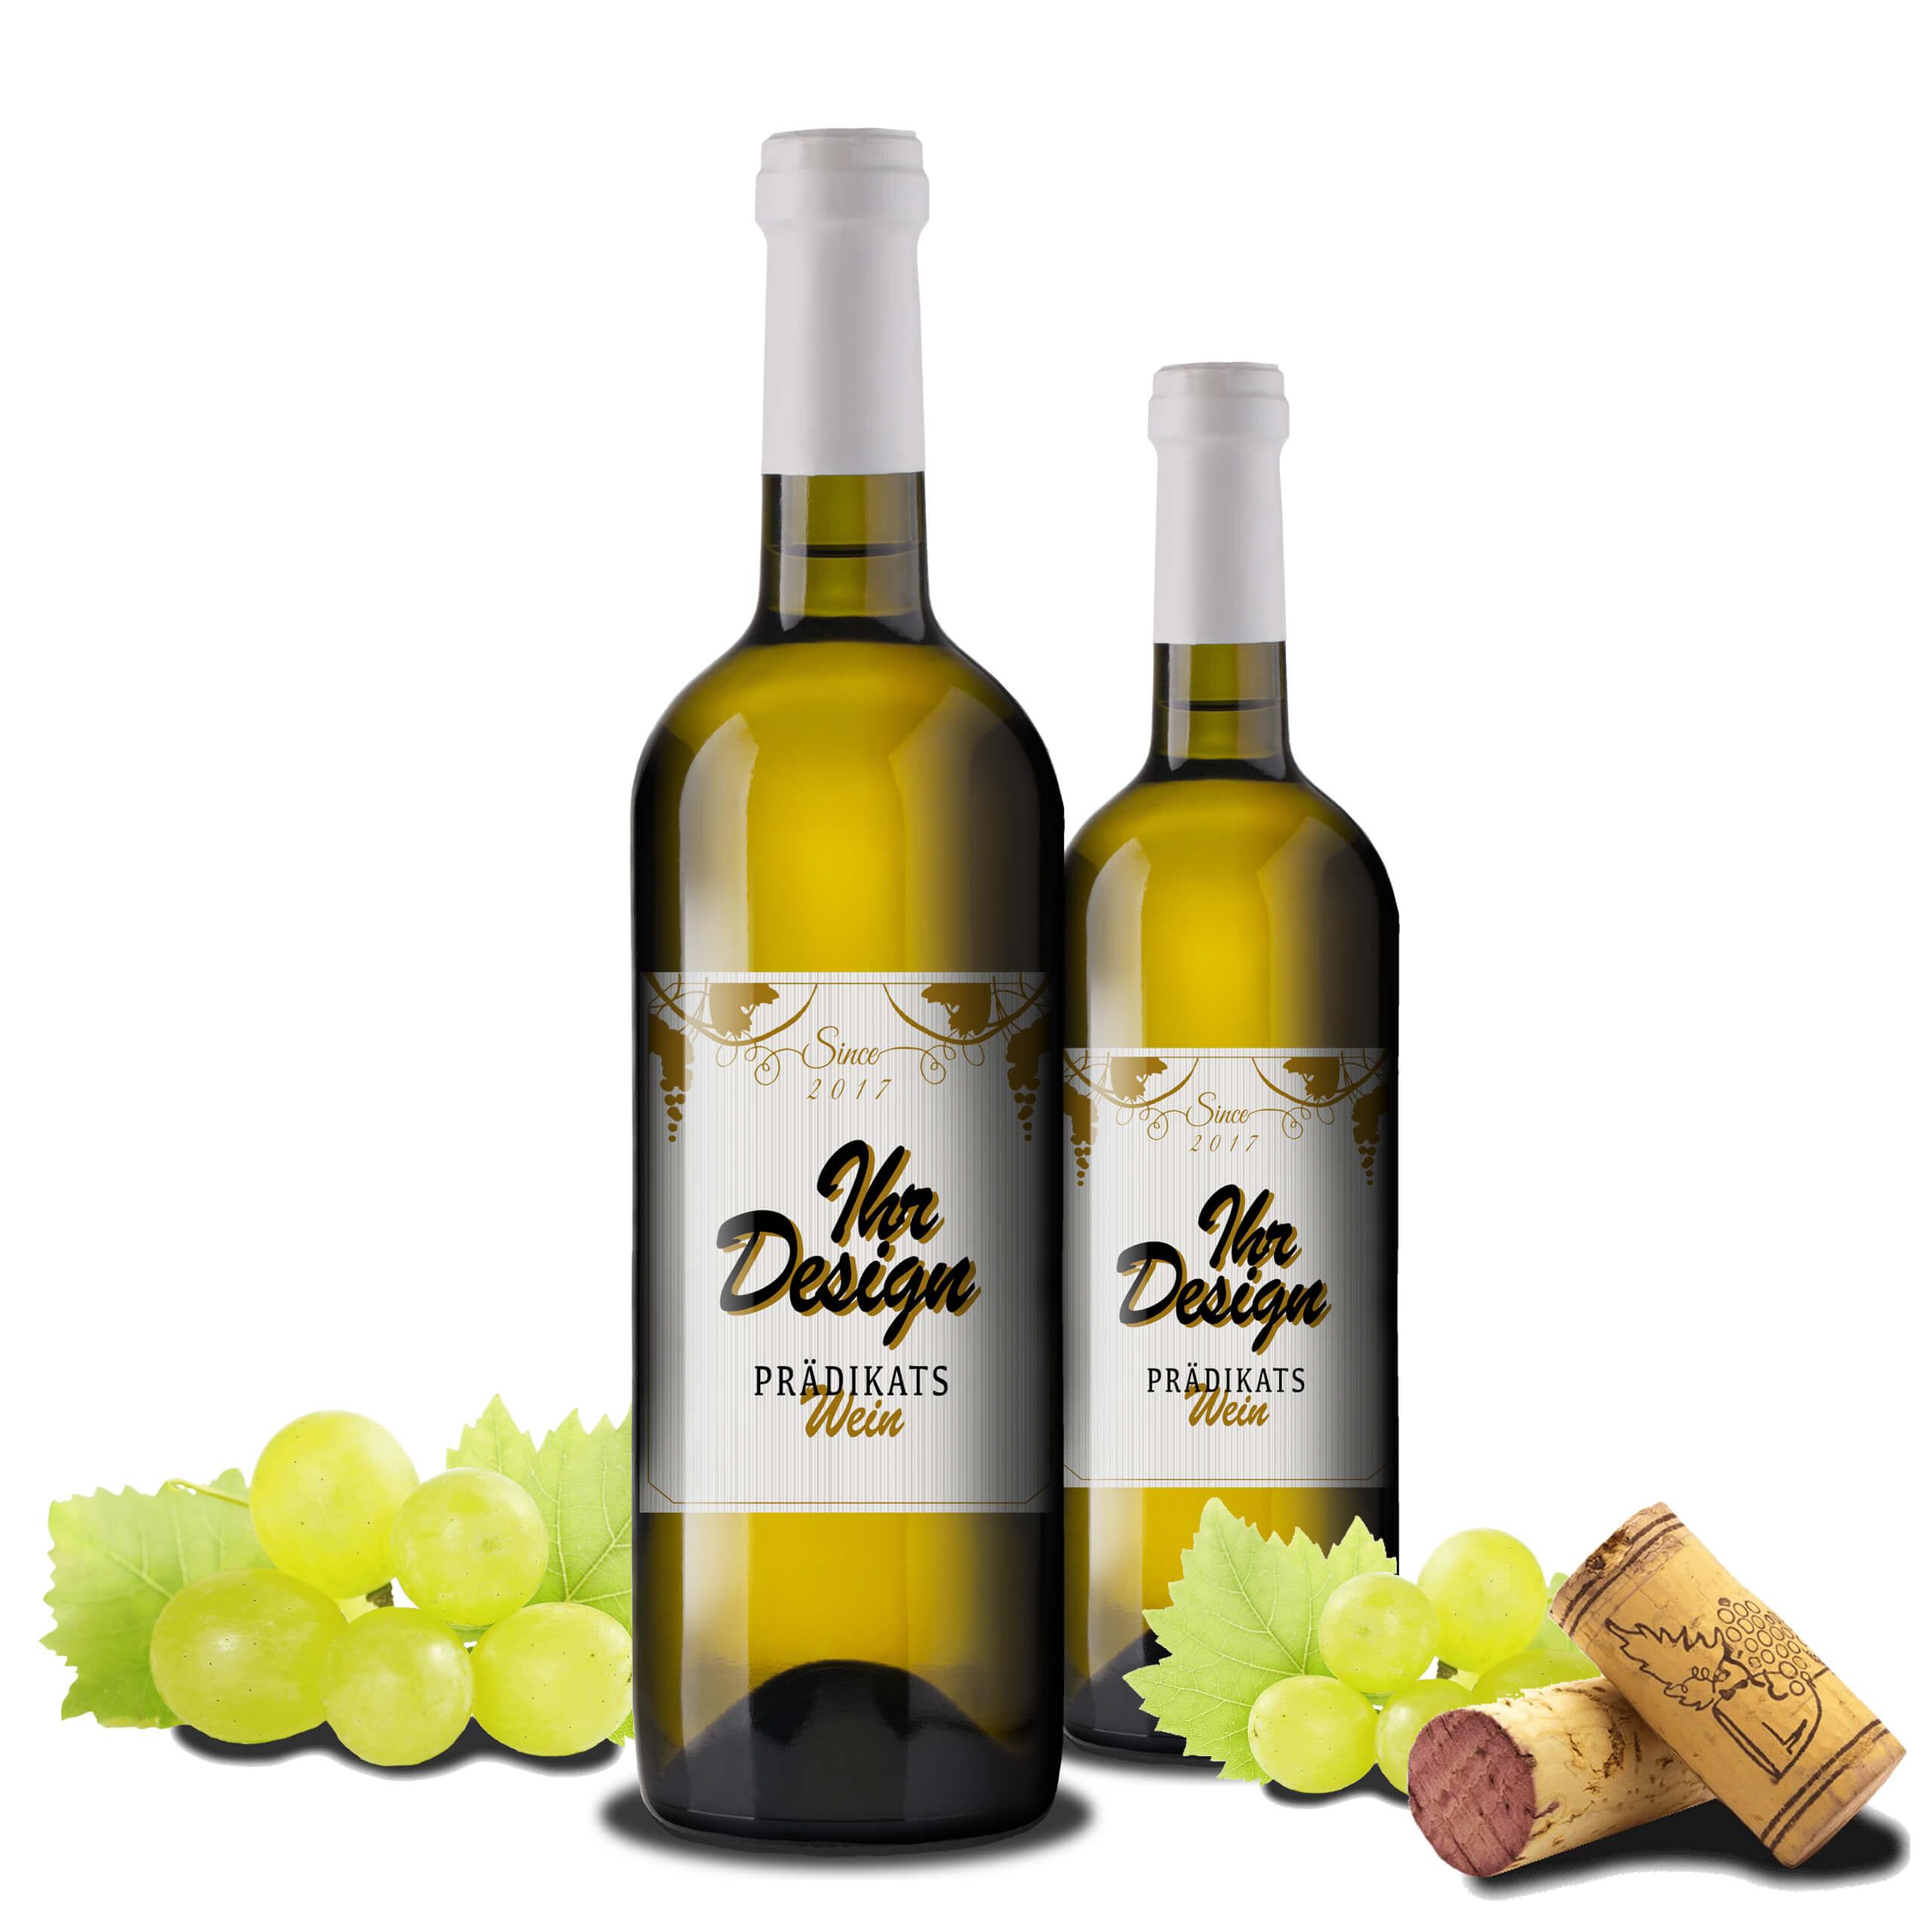 Weisswein mit logo